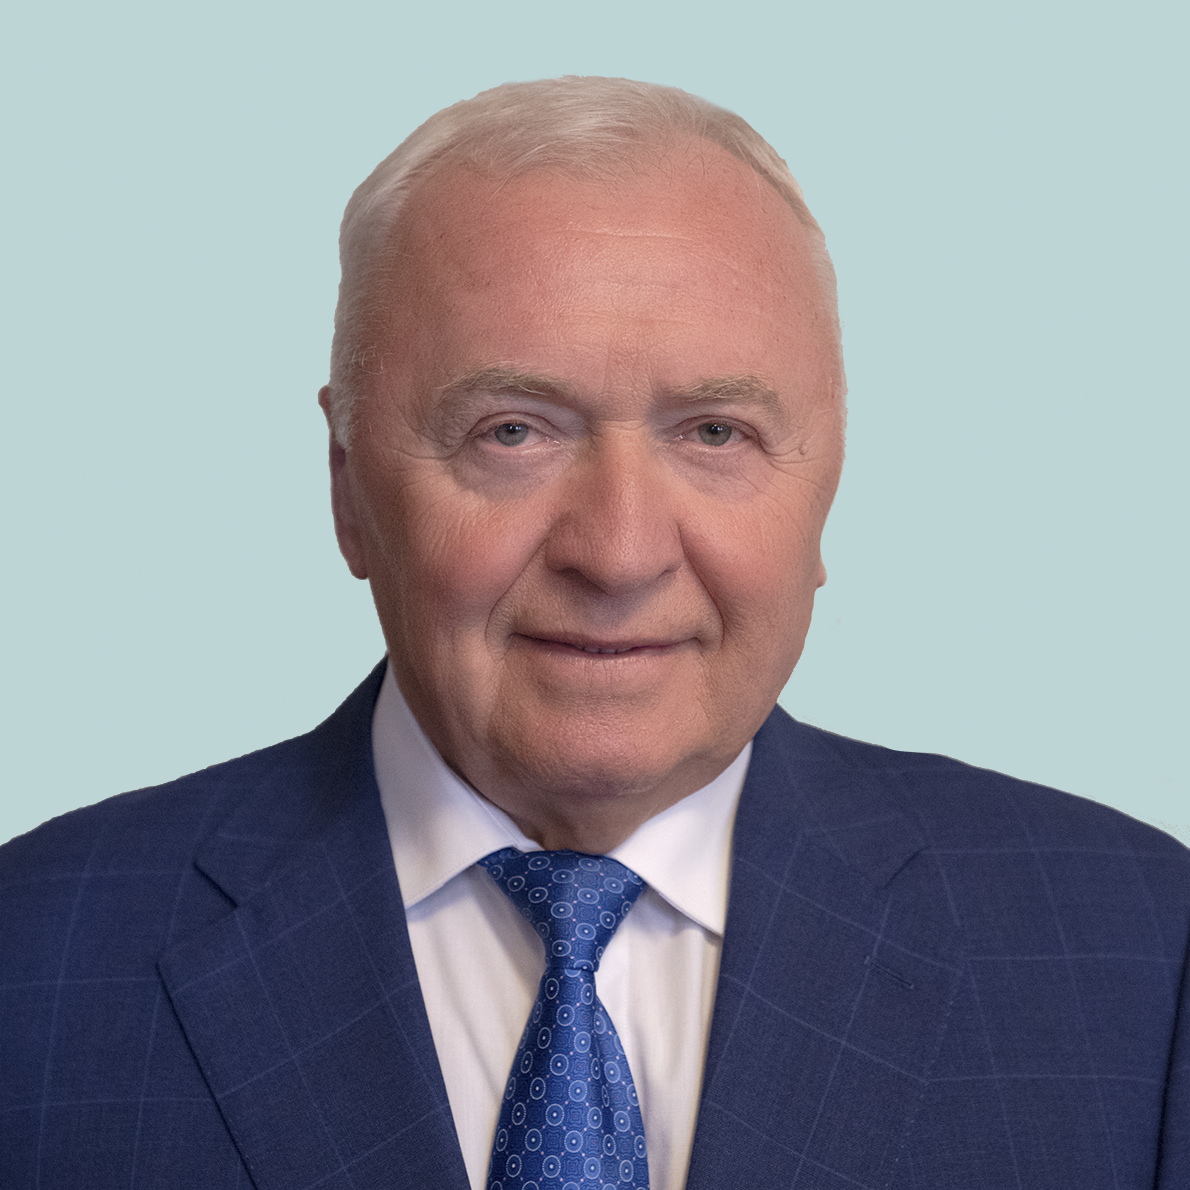 Valery Bogomolov